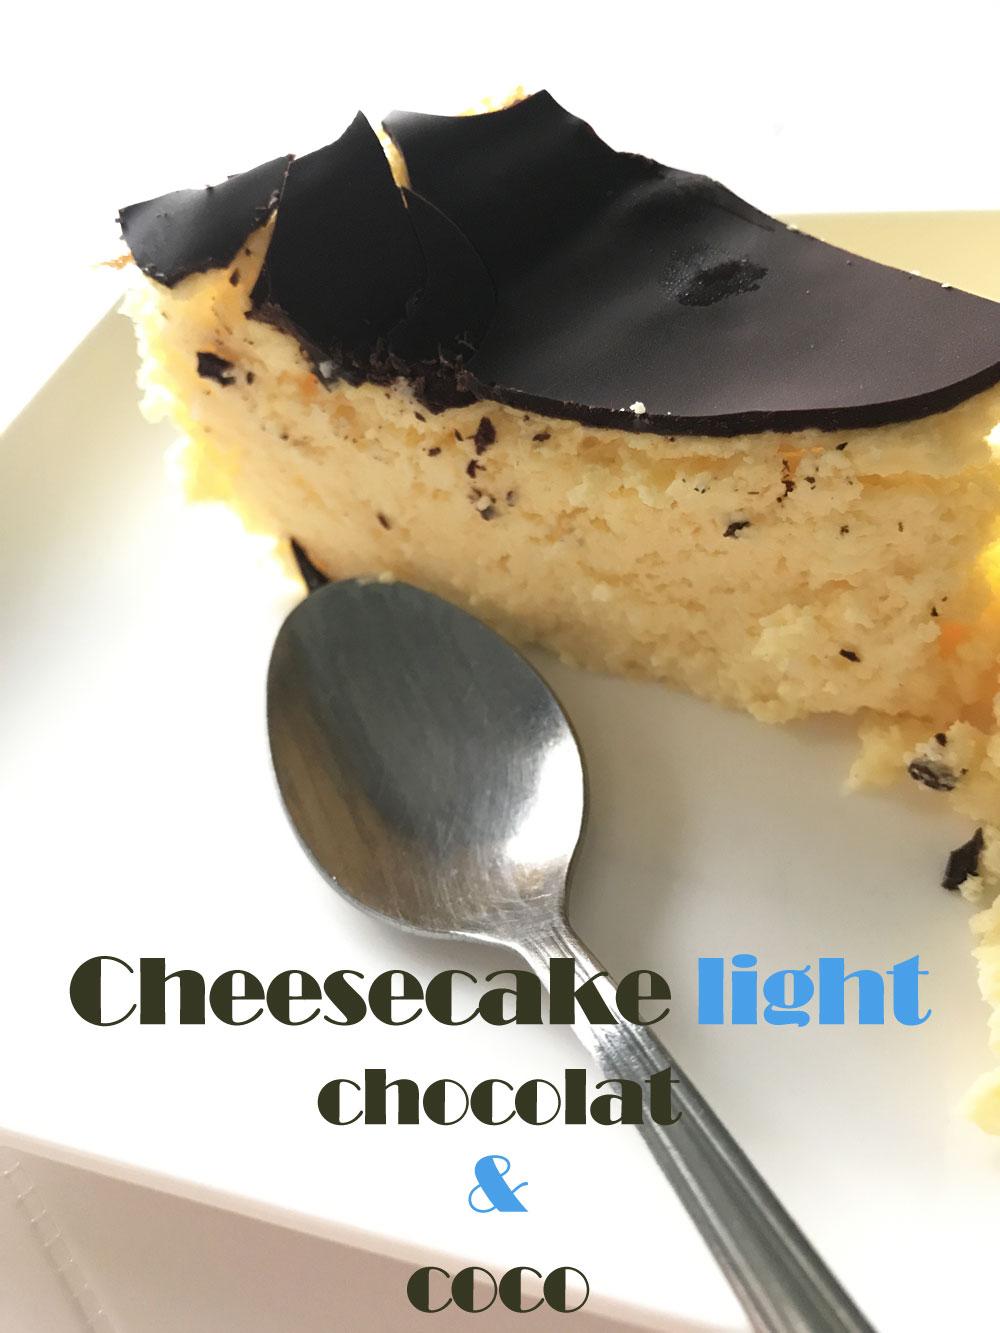 cheesecake moins de 200 calories je suis gourmande mais je me soigne. Black Bedroom Furniture Sets. Home Design Ideas